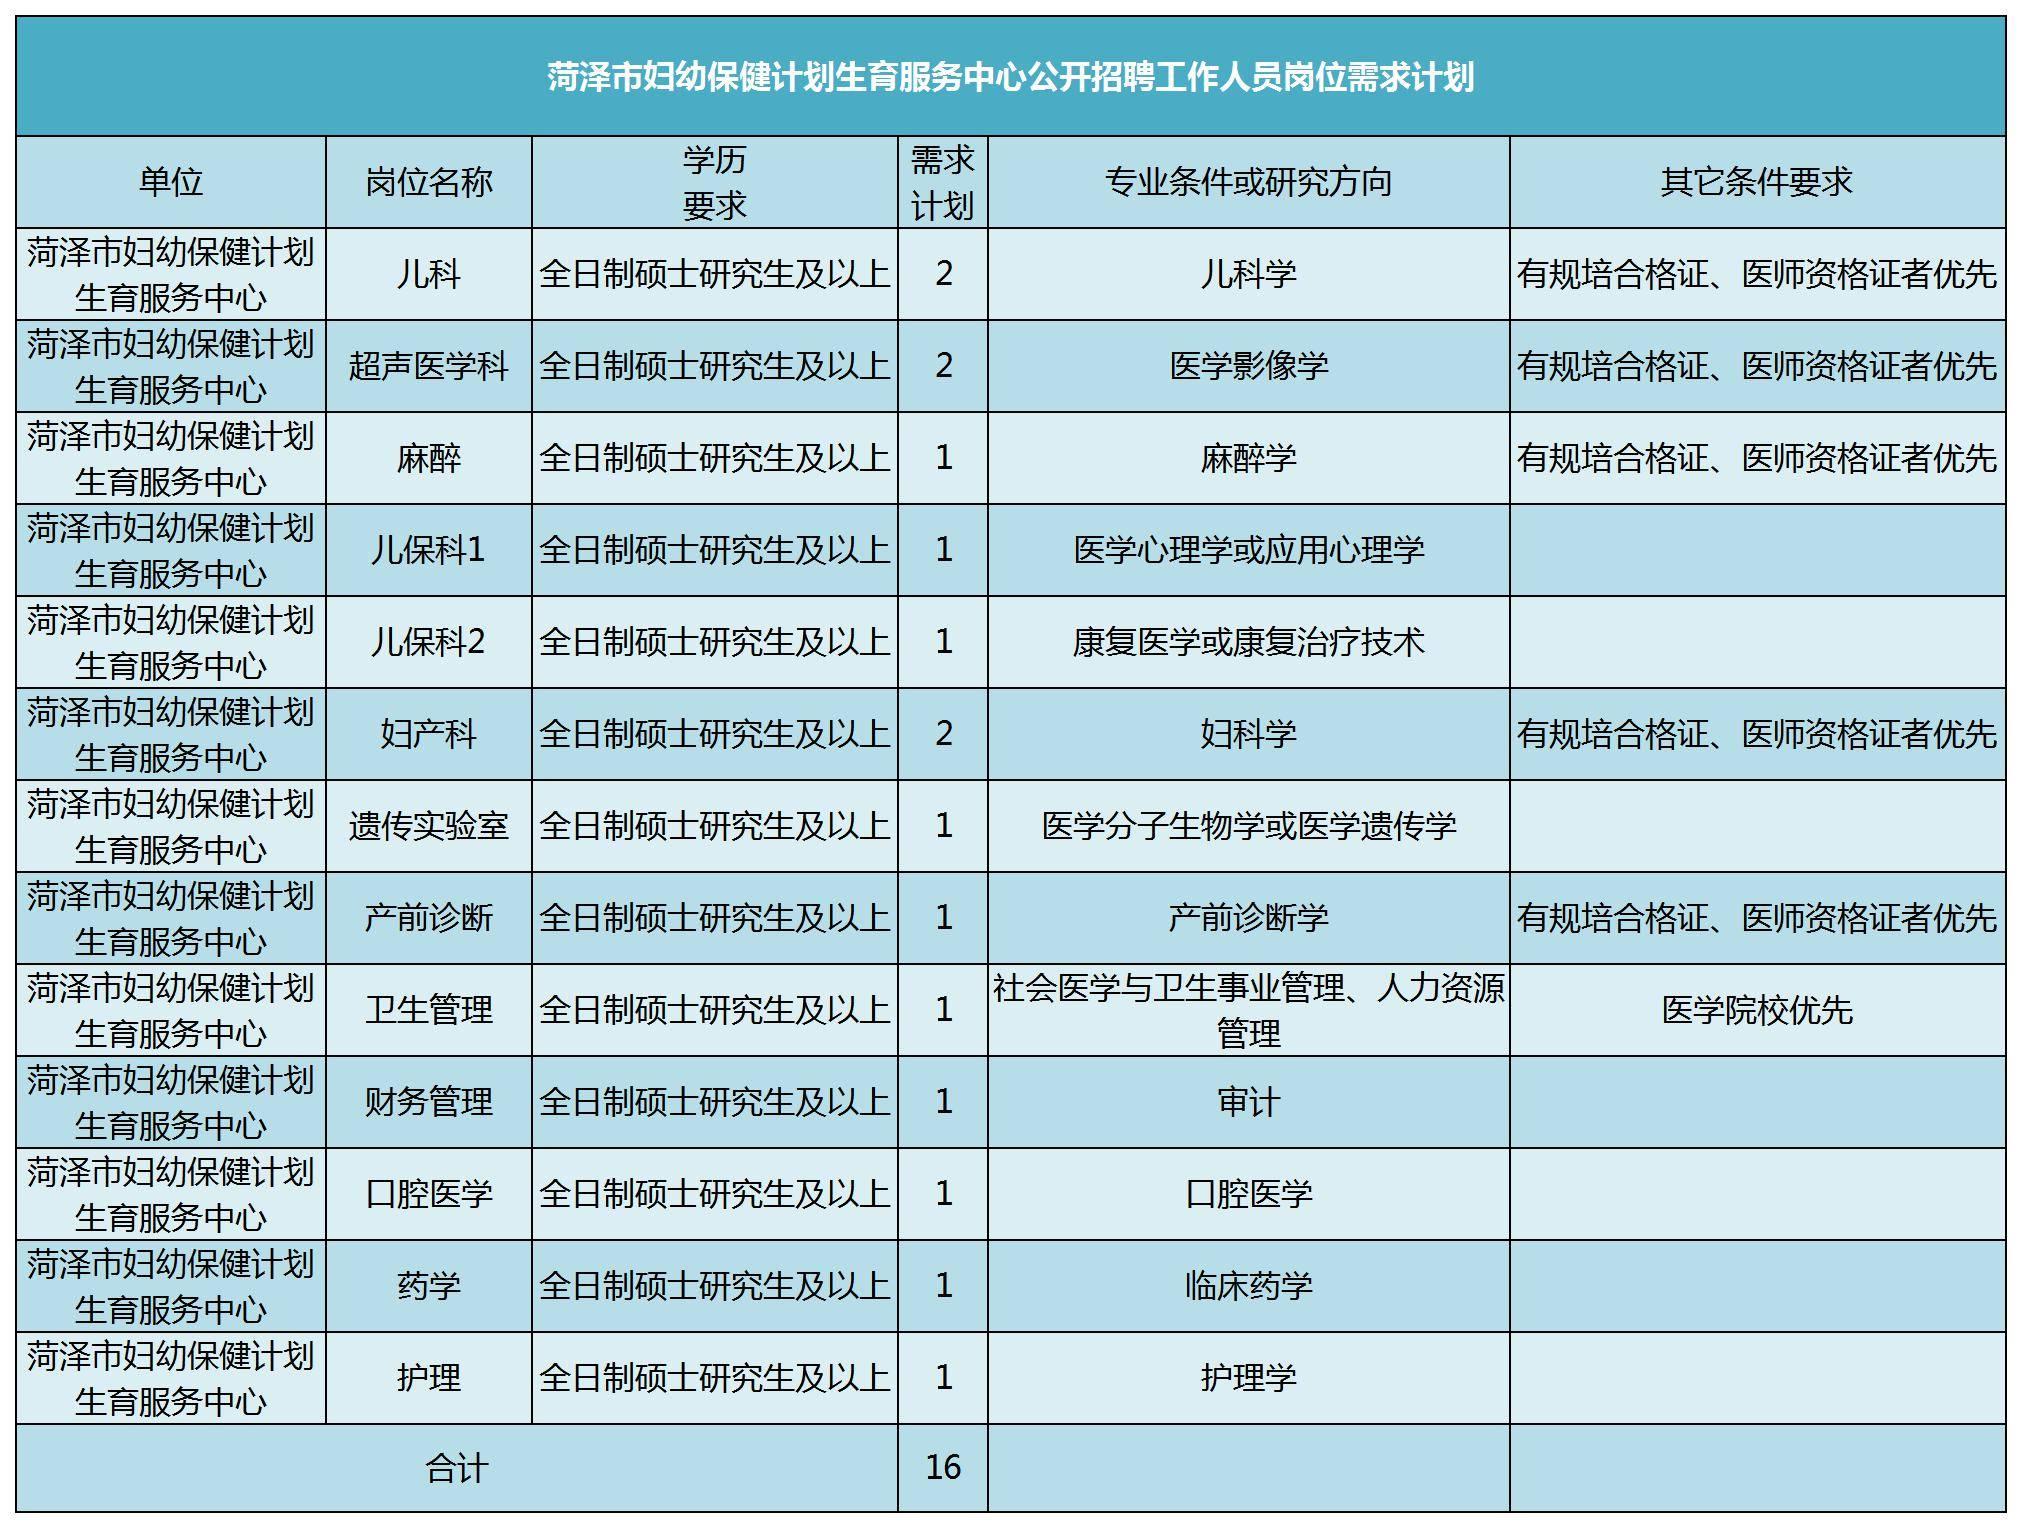 2020菏泽市妇幼保健计划生育服务中心招聘16人